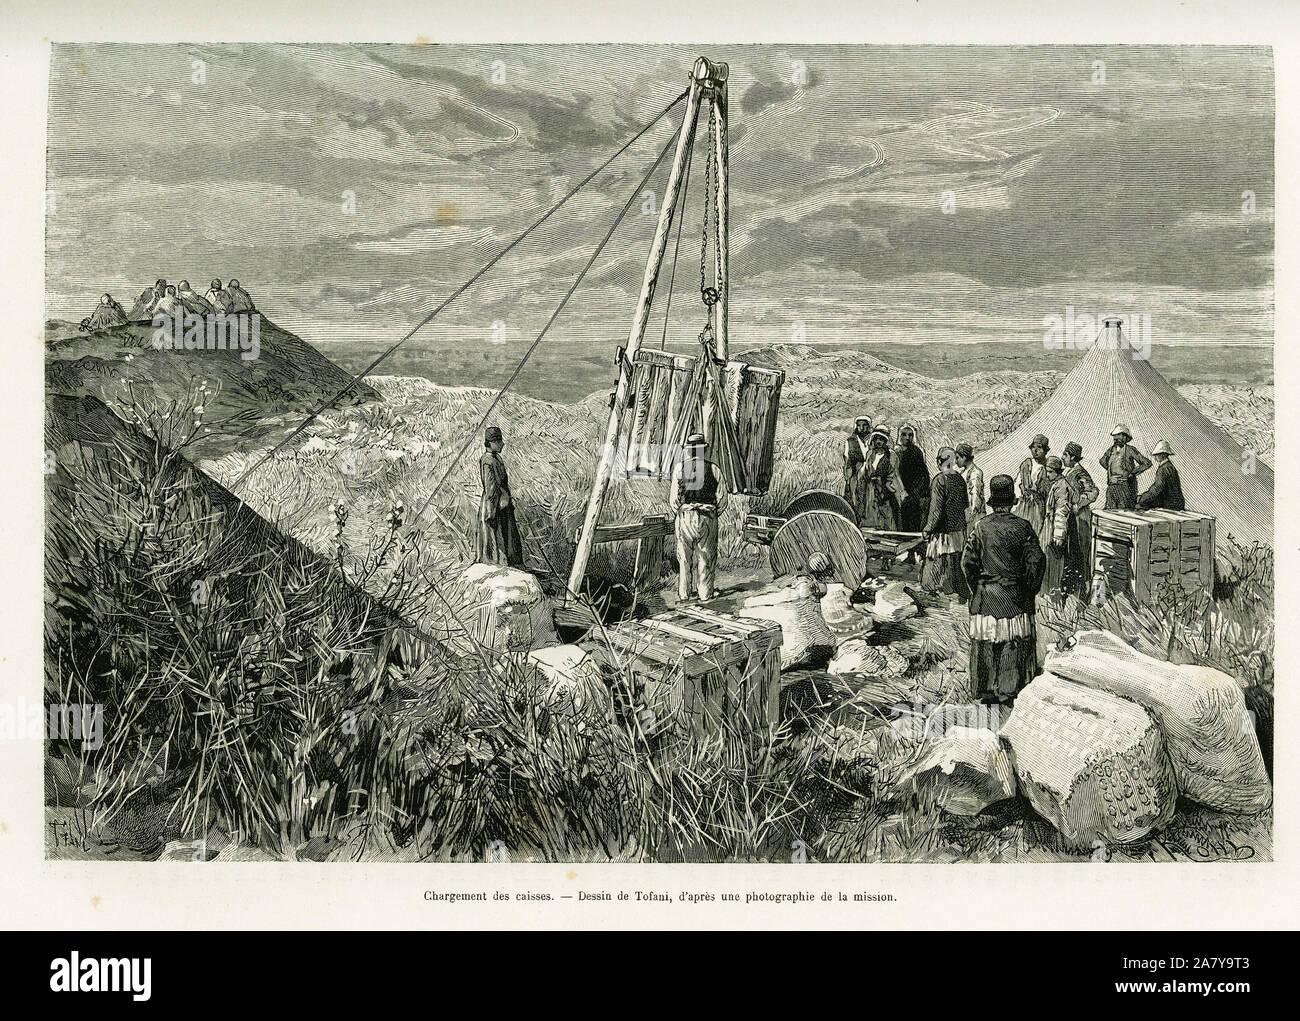 Chargement des caisses de fouilles archeologiques, Perse. Gravure de Tofani, pour illustrer le recit A Suse, 1884-1886, journal des fouilles, par Jane Stock Photo